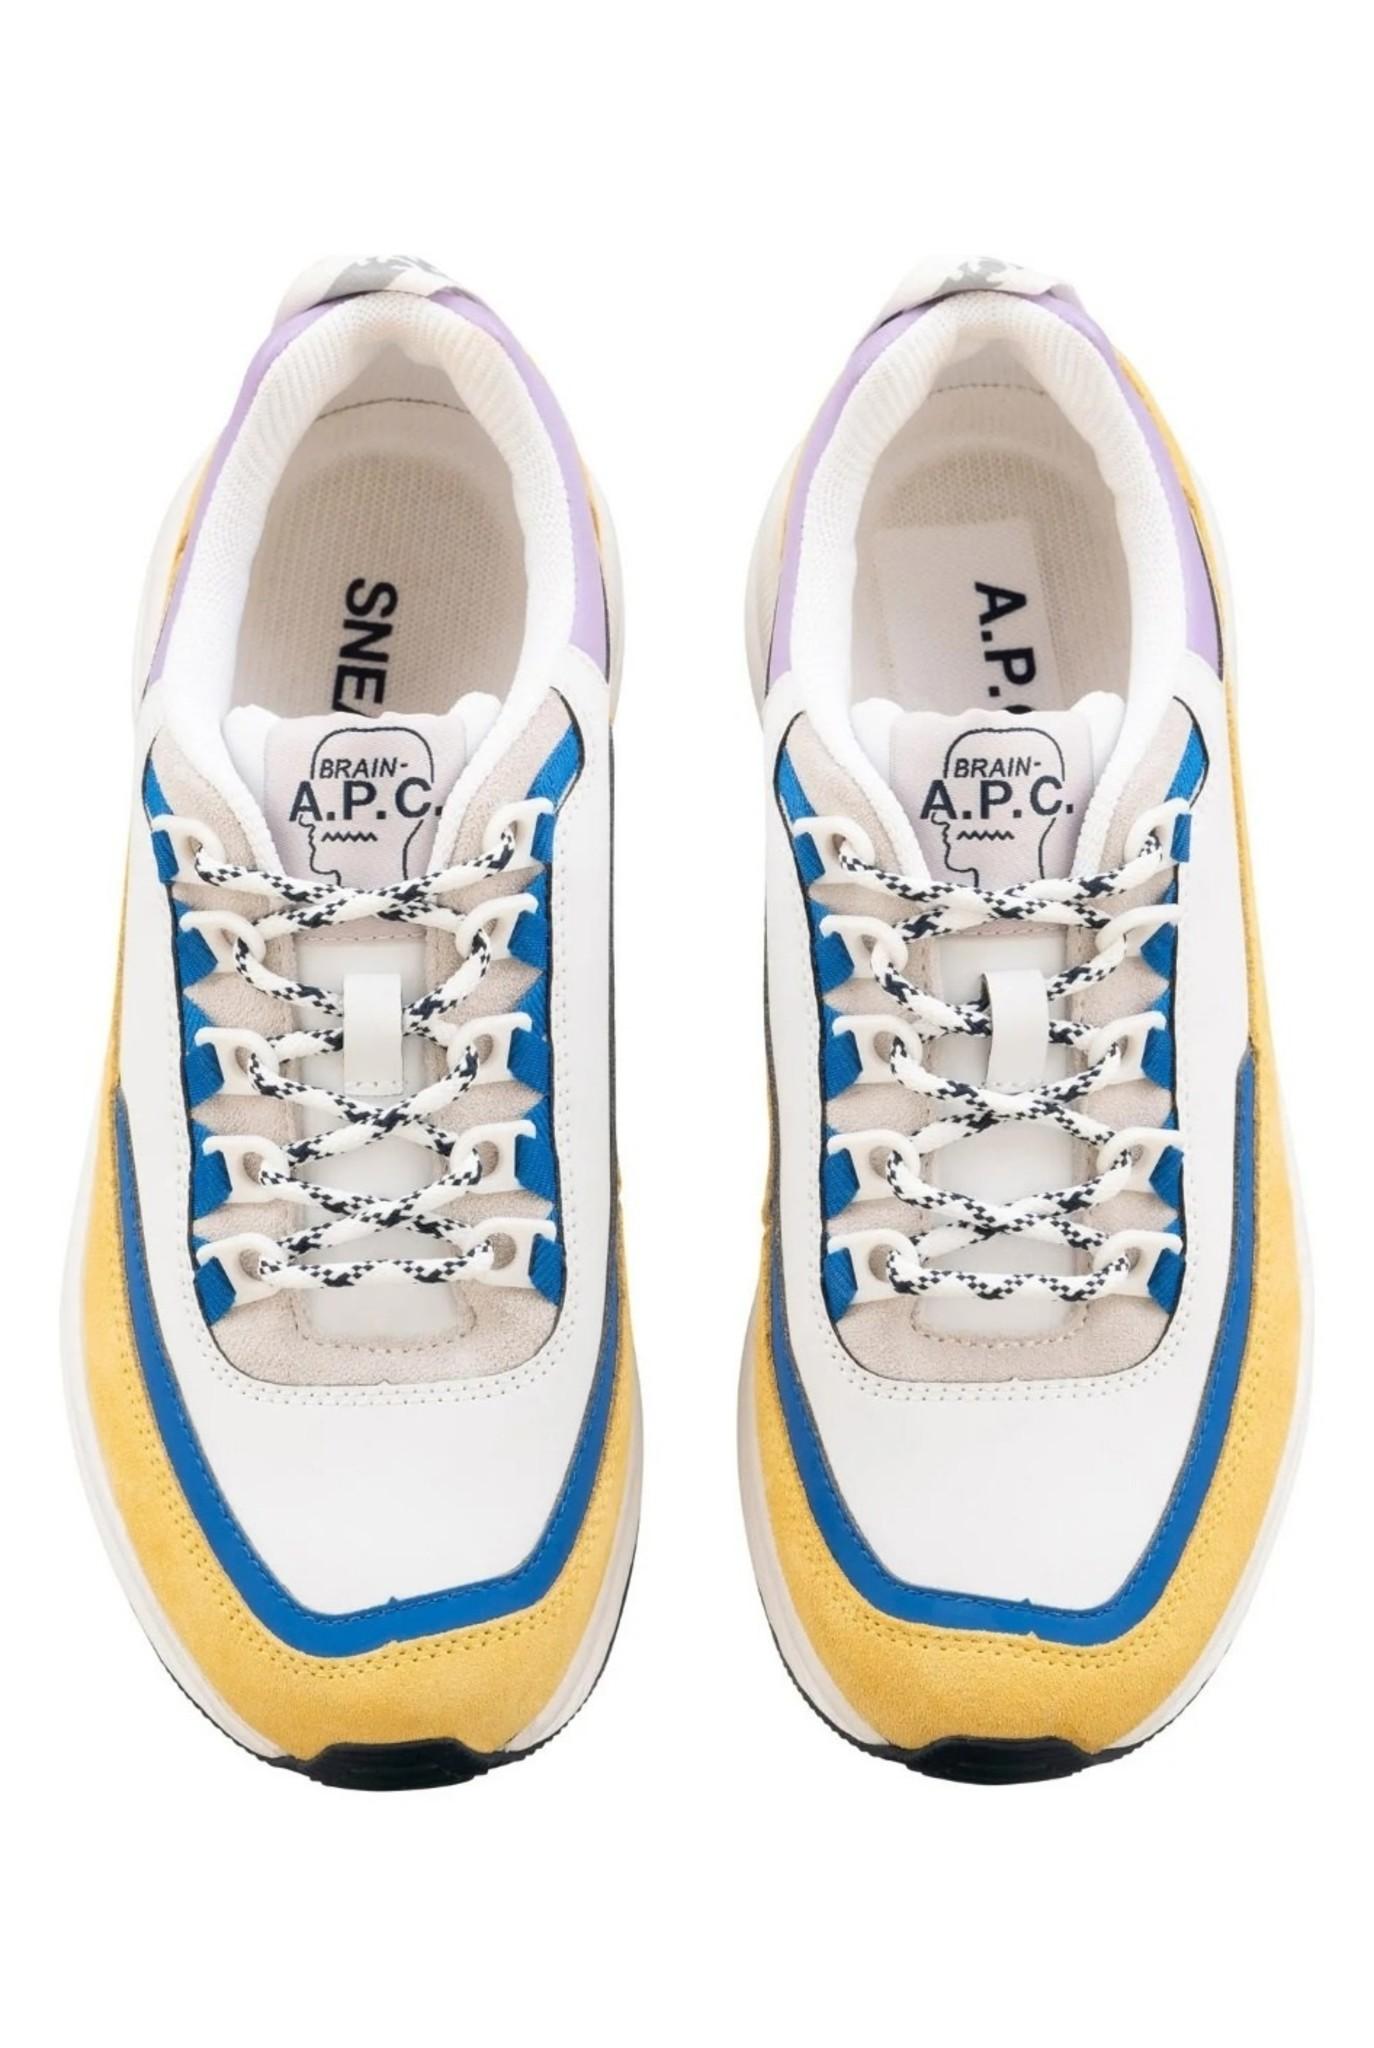 Jay brain dead sneakers Yellow